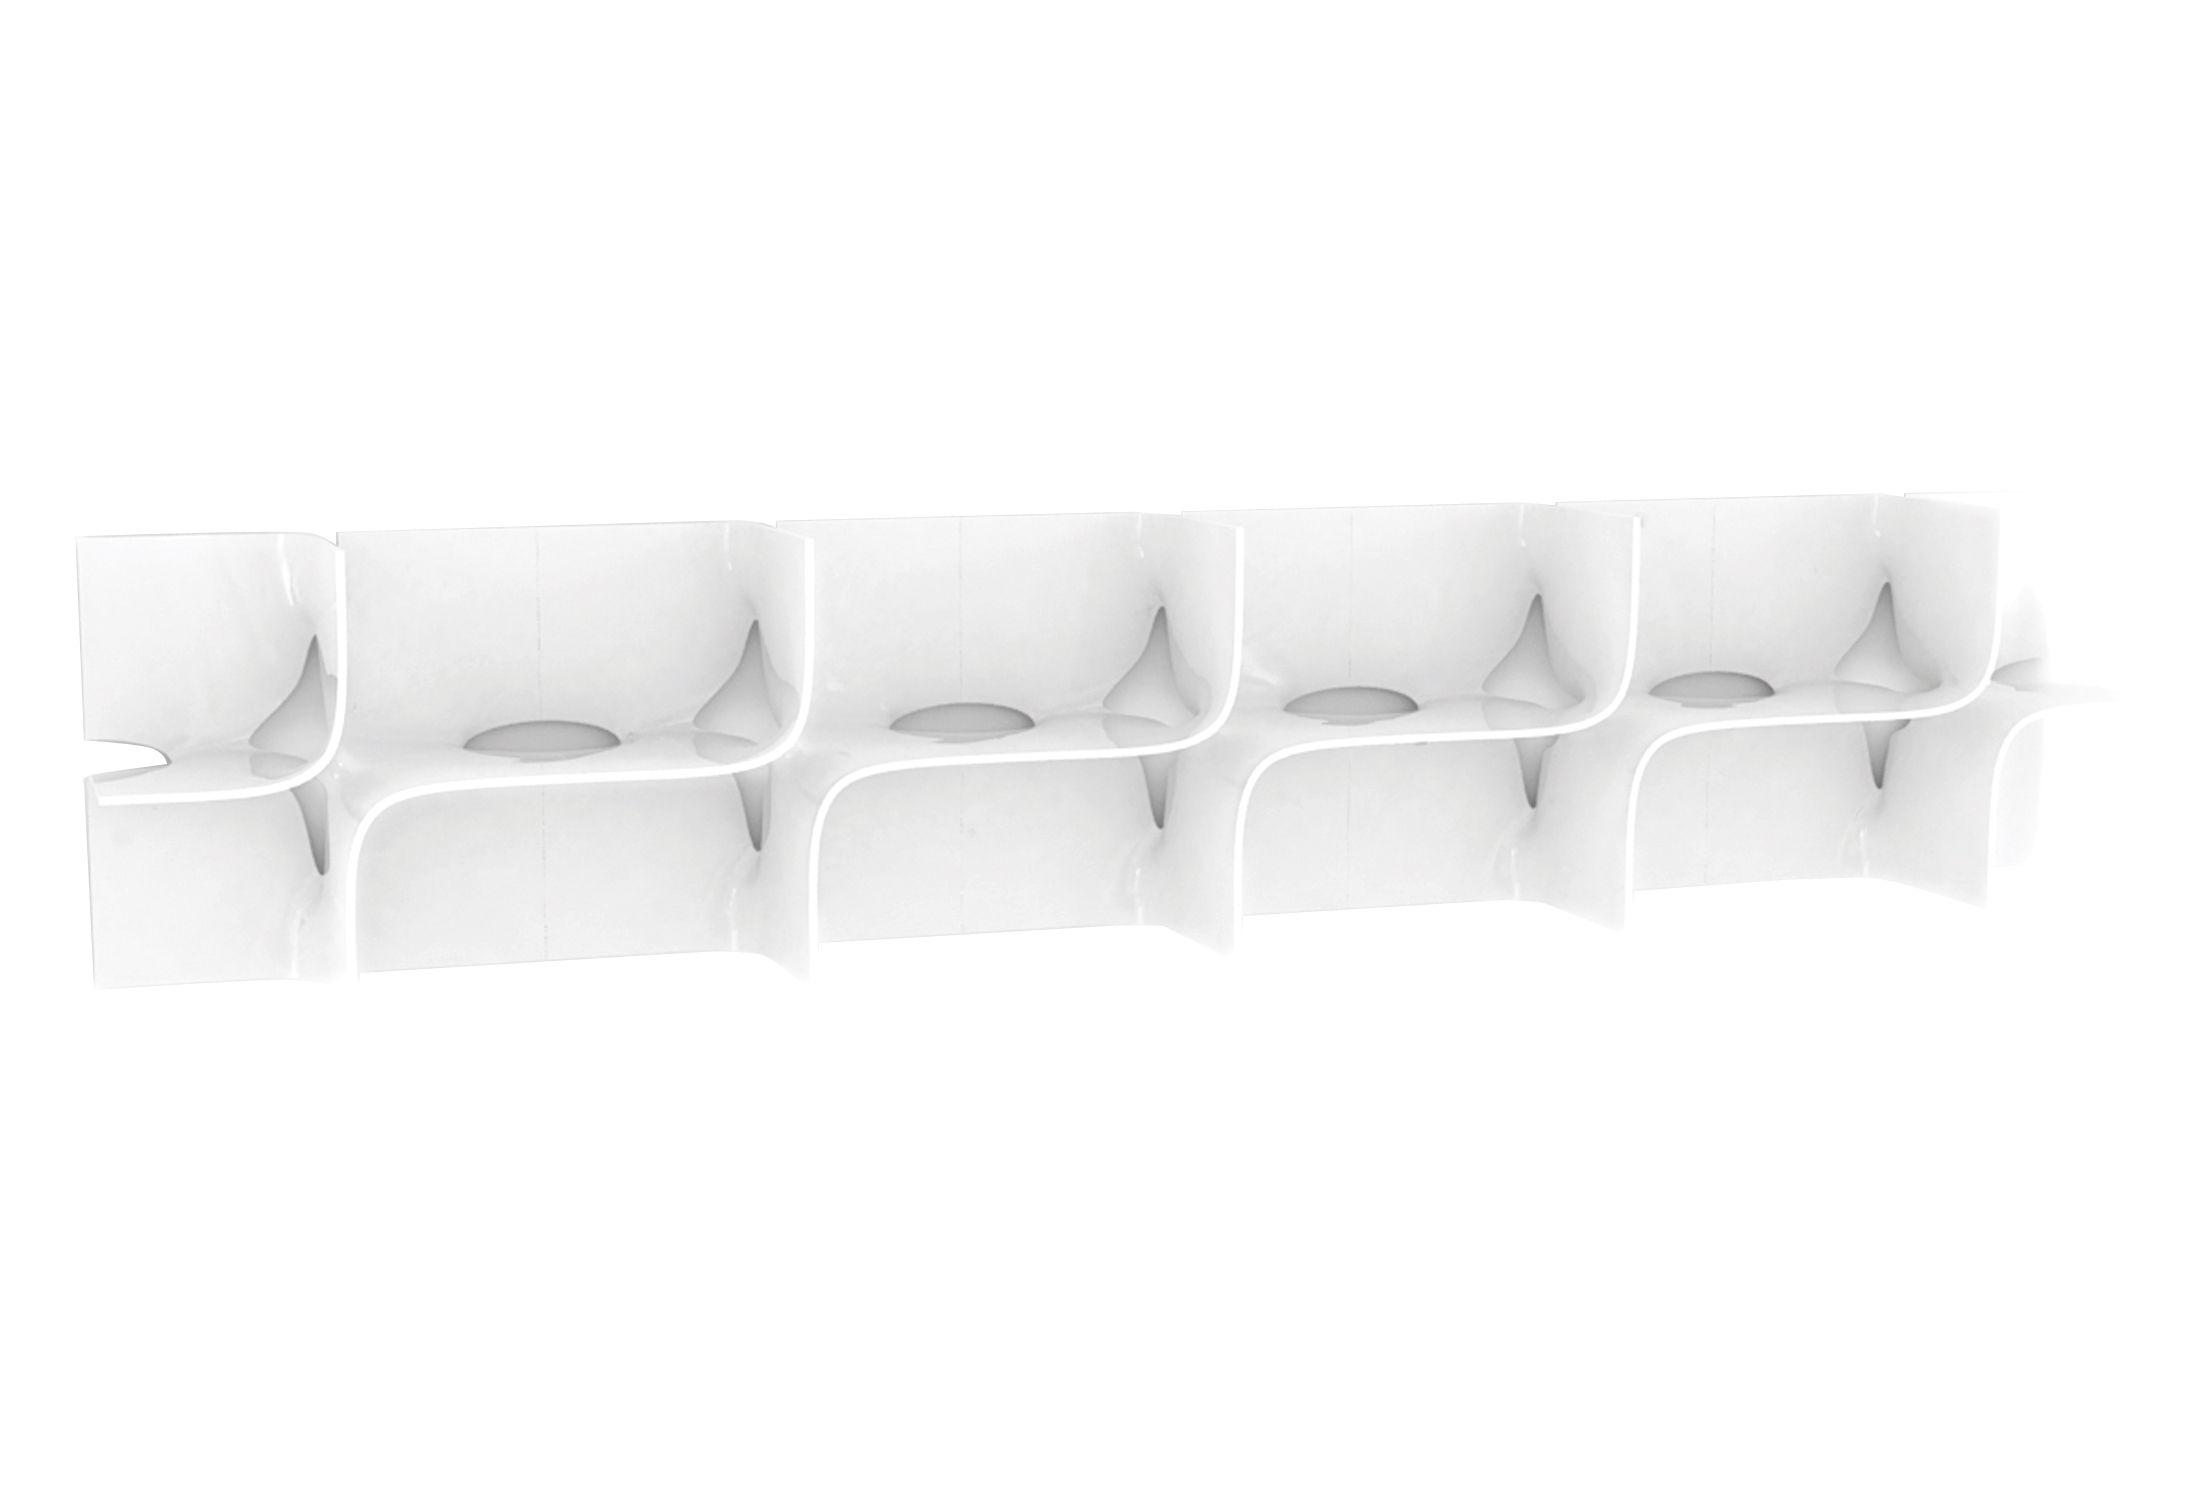 Möbel - Regale und Bücherregale - Tide Regal Regalsystem - B 45 x H 45 cm - Magis - Weiß glänzend - ABS